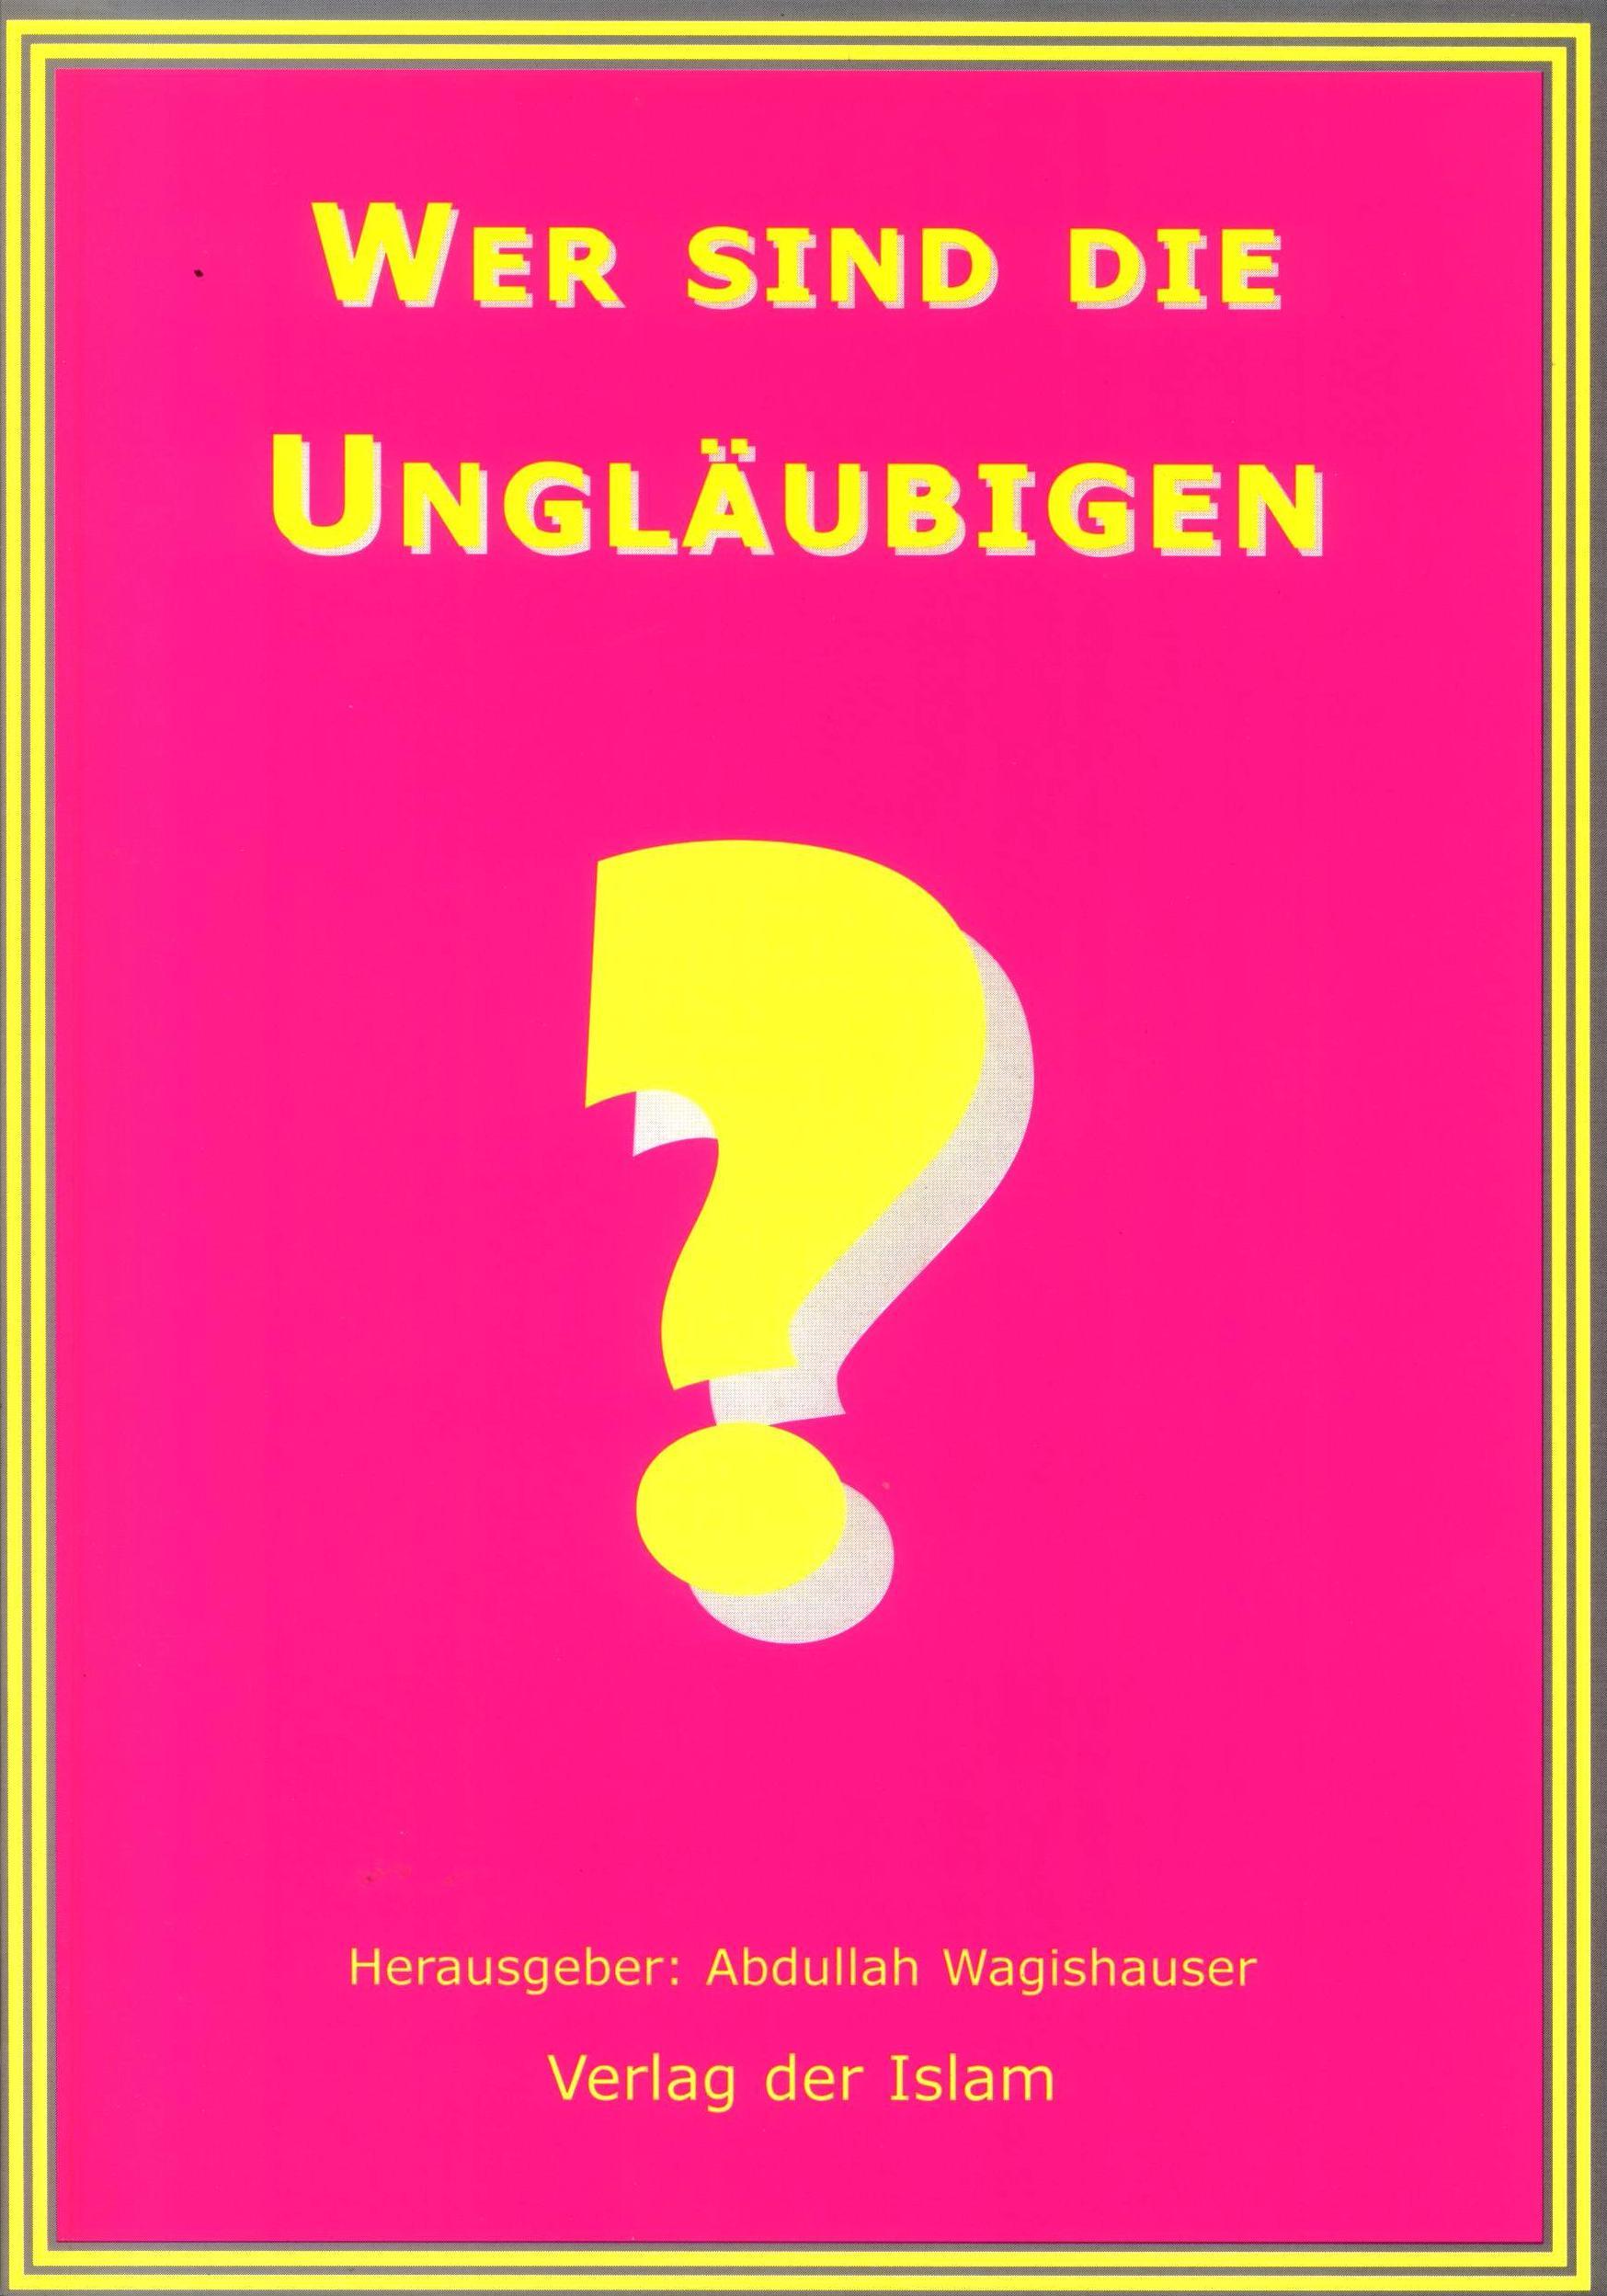 Wer sind die Ungläubigen - Abdullah Wagishauser